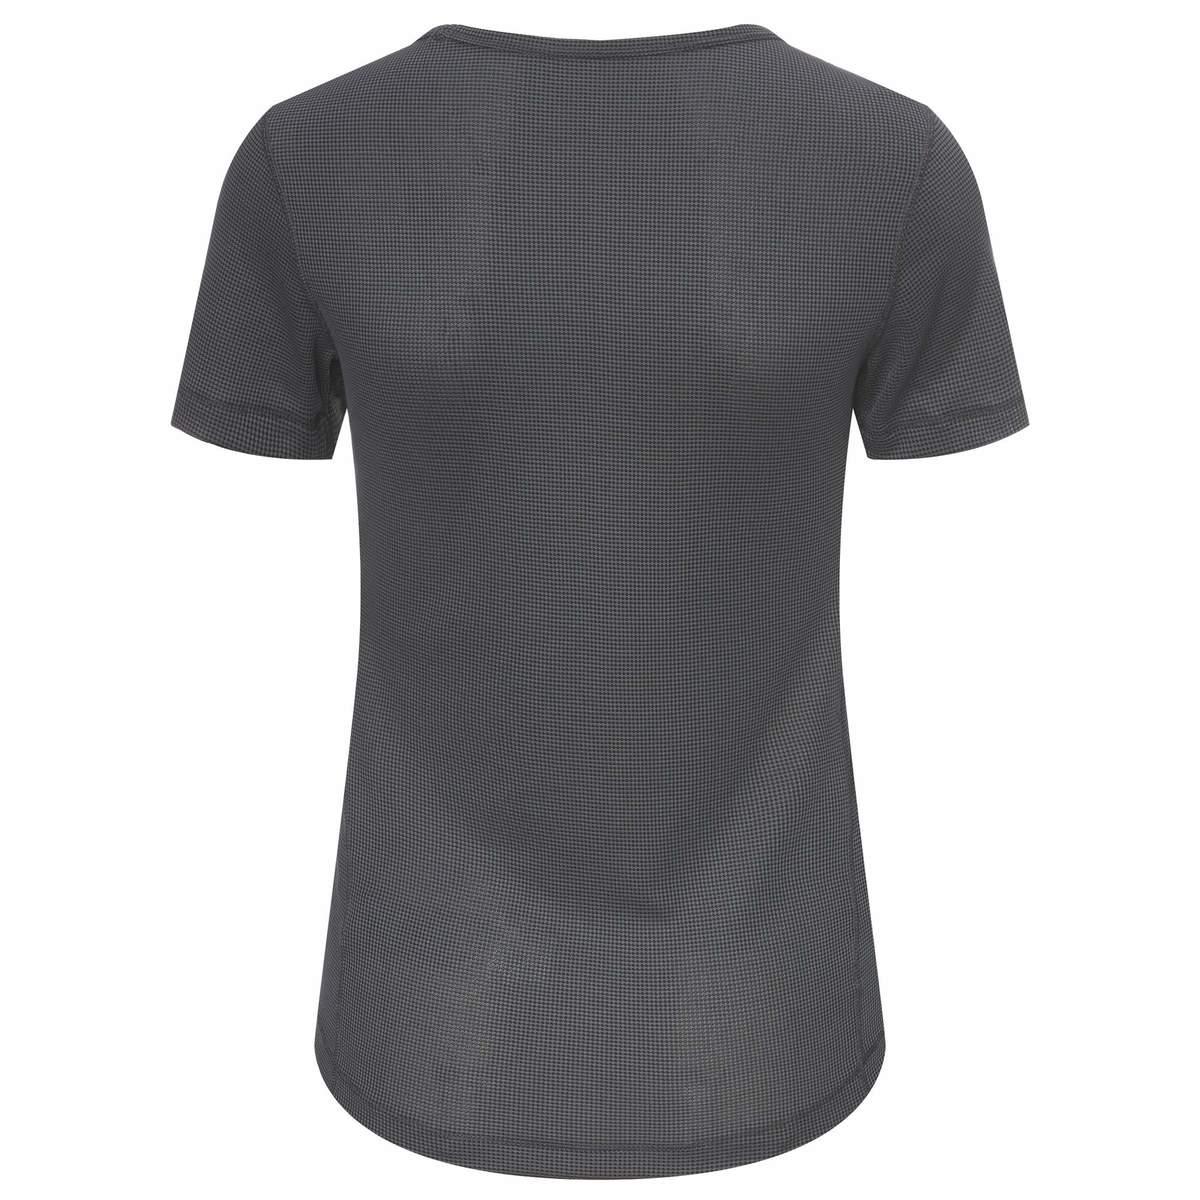 Bild 3 von Odlo Light Cubic S/S Shirt Frauen - Funktionsunterwäsche